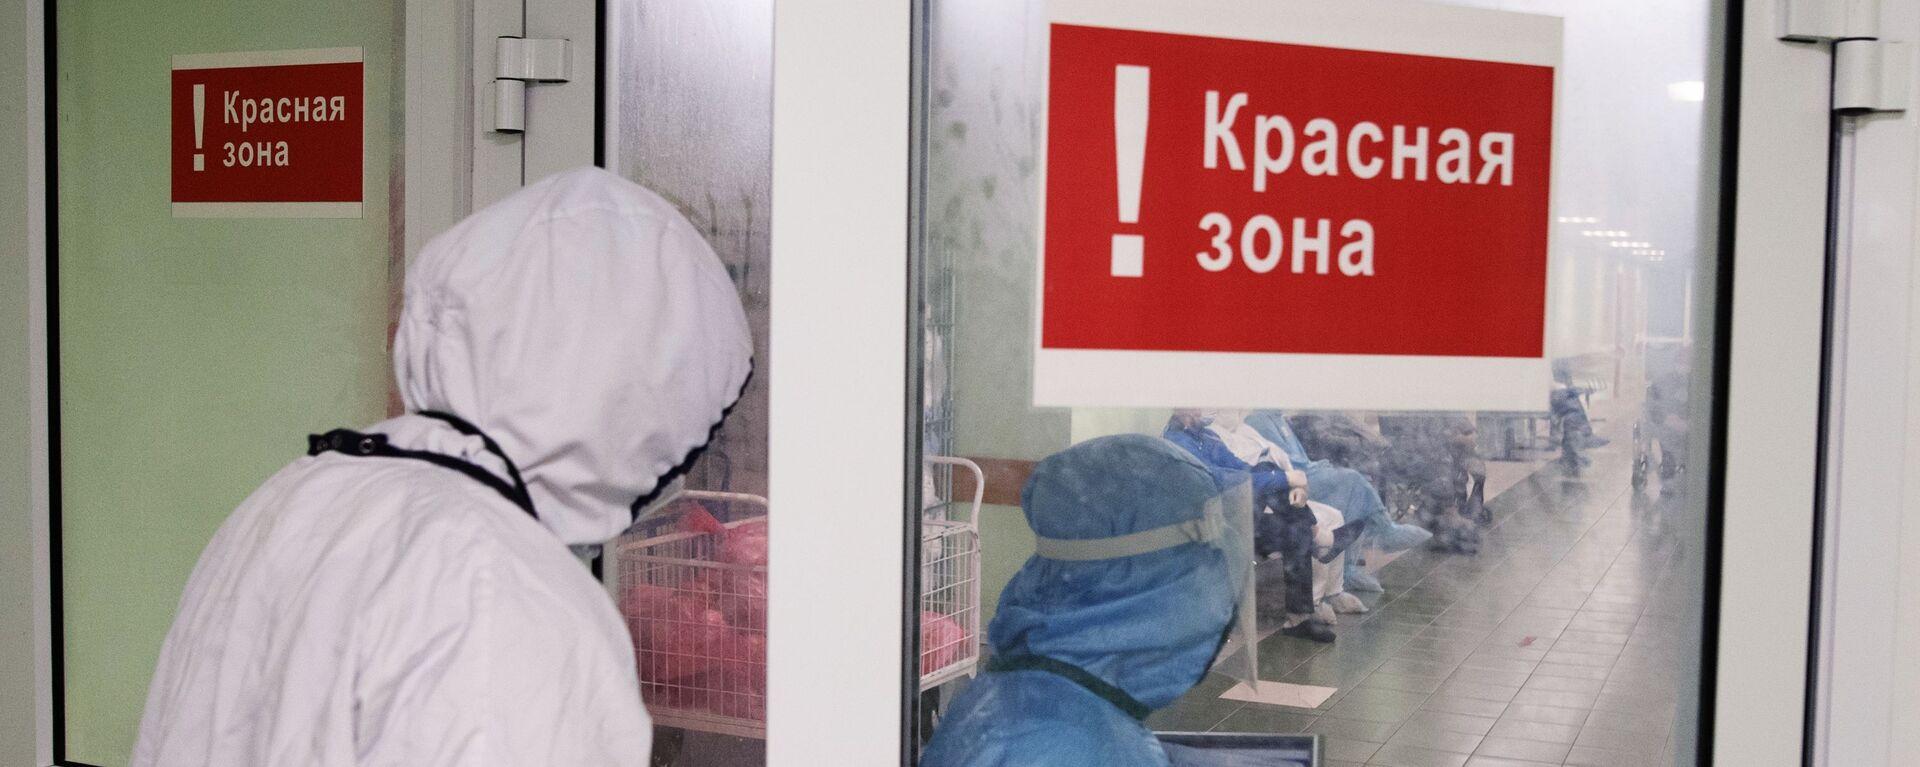 Медицинские сотрудники входят в красную зону городской клинической больницы - Sputnik Грузия, 1920, 11.10.2021